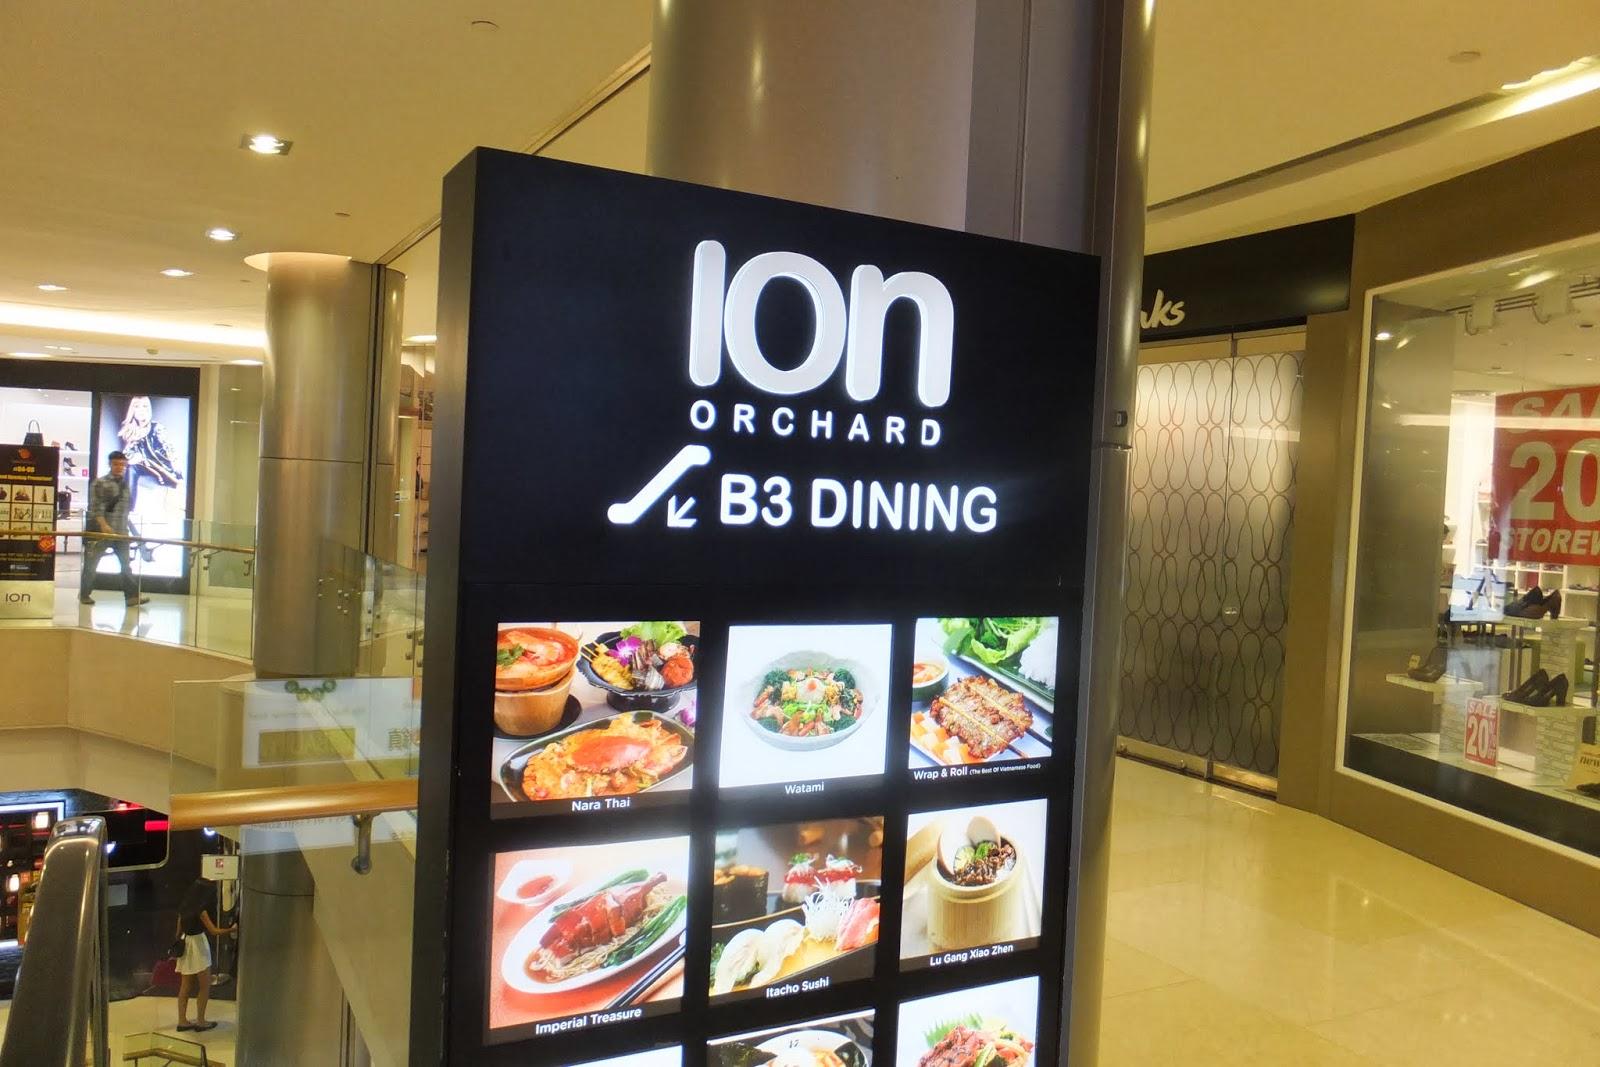 singapore-ion-orchard アイオンモール